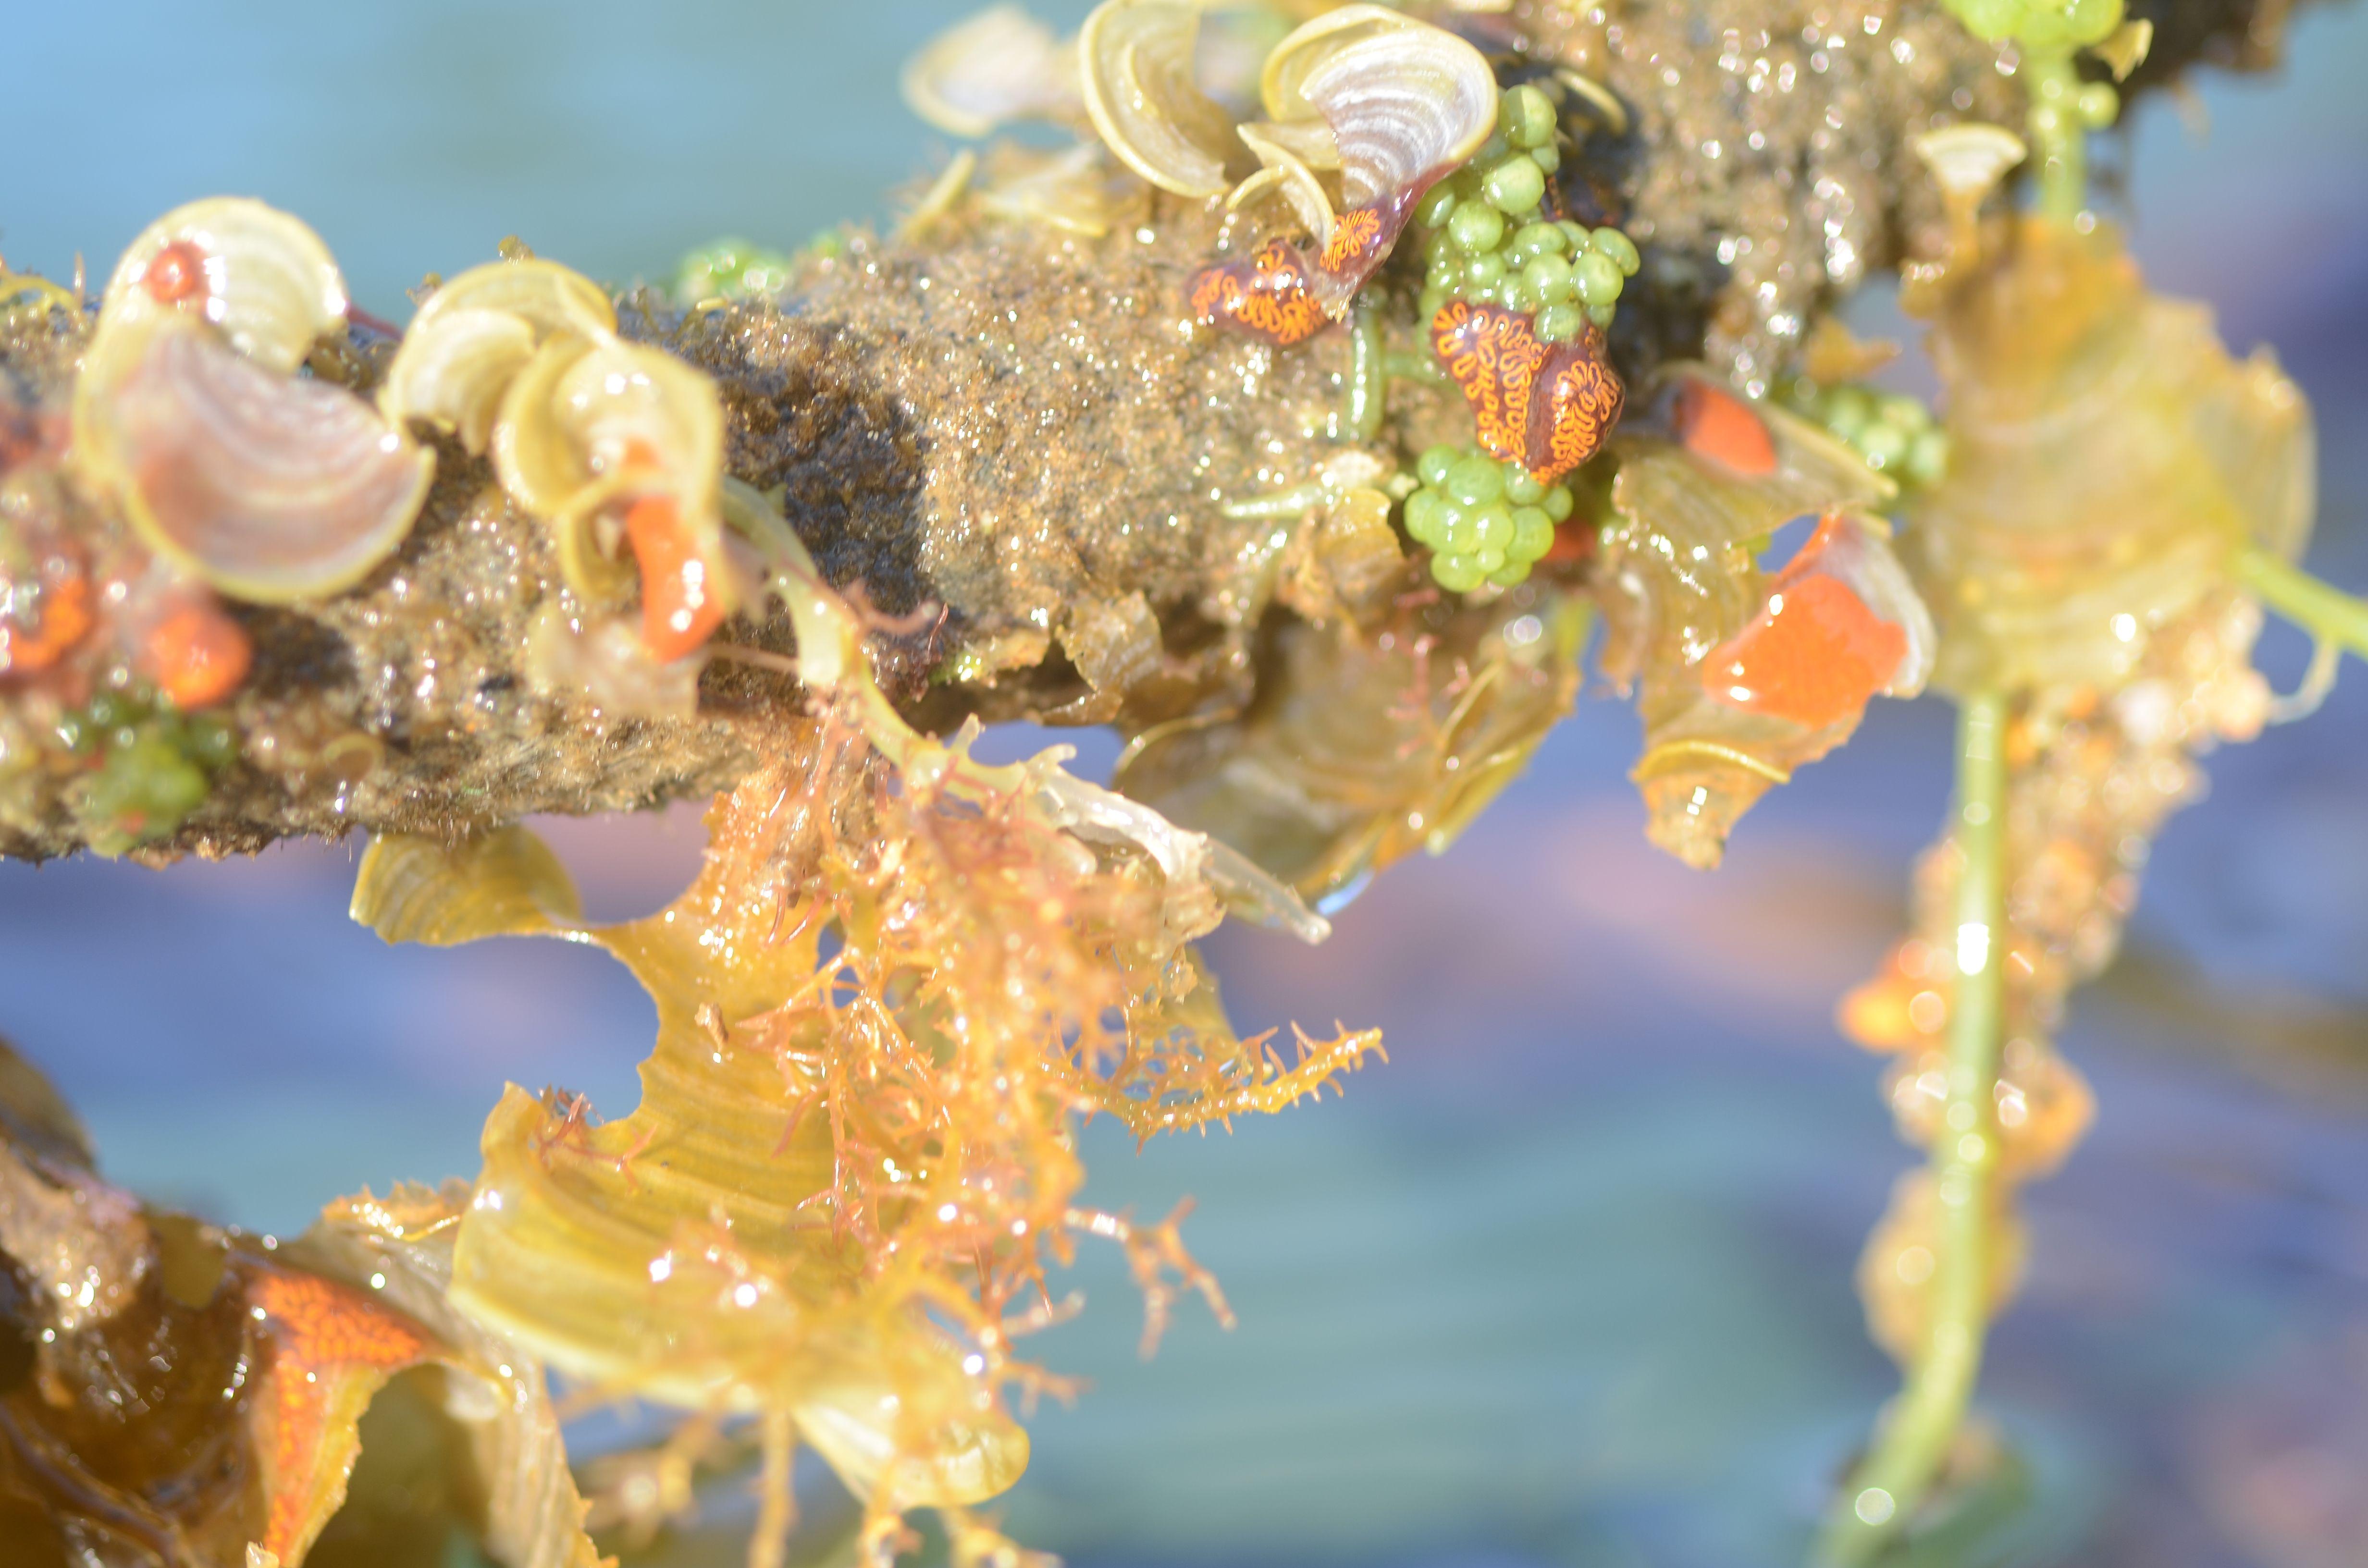 Formas que lembram uvas verdes, outras que nos remete a conchas, espalham-se ao longo da corda. Quem antes amarrava barcos, agora amarra seres aquáticos.   #Brazil, #sea, #ecossistema, #Angra, vida marinha,